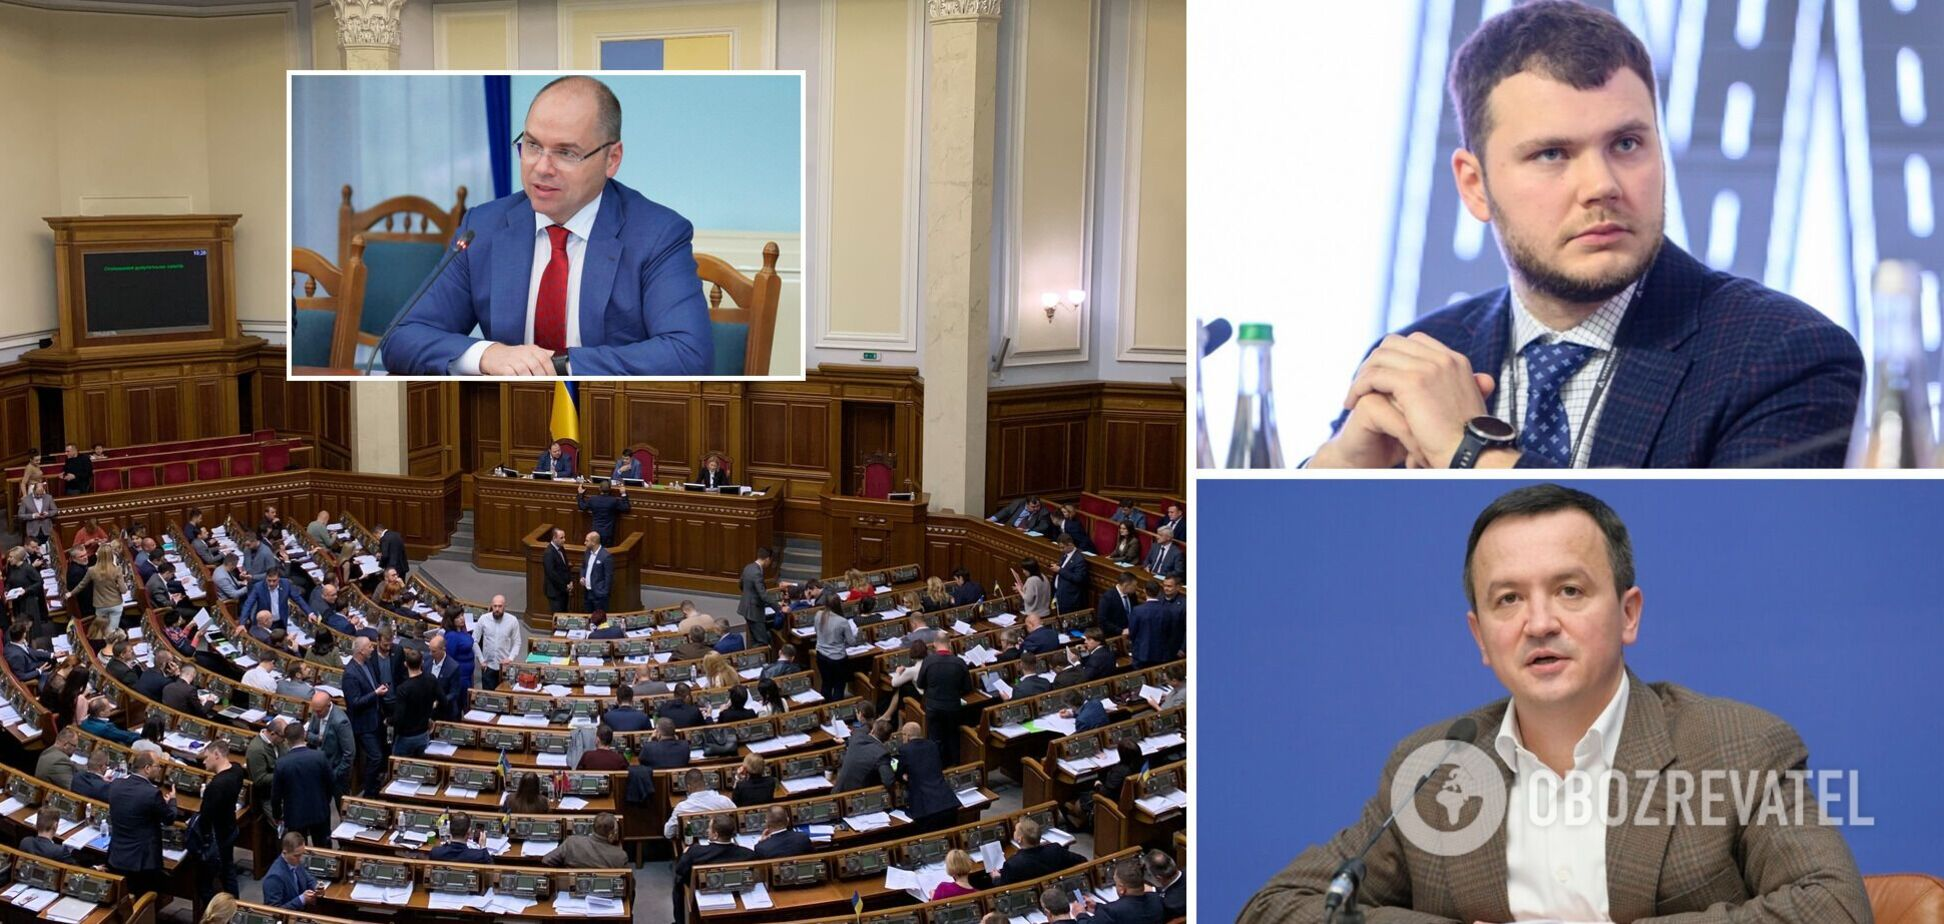 Мінус три міністри: як у Раді голосували за звільнення Степанова, Криклія та Петрашка. Фото і відео